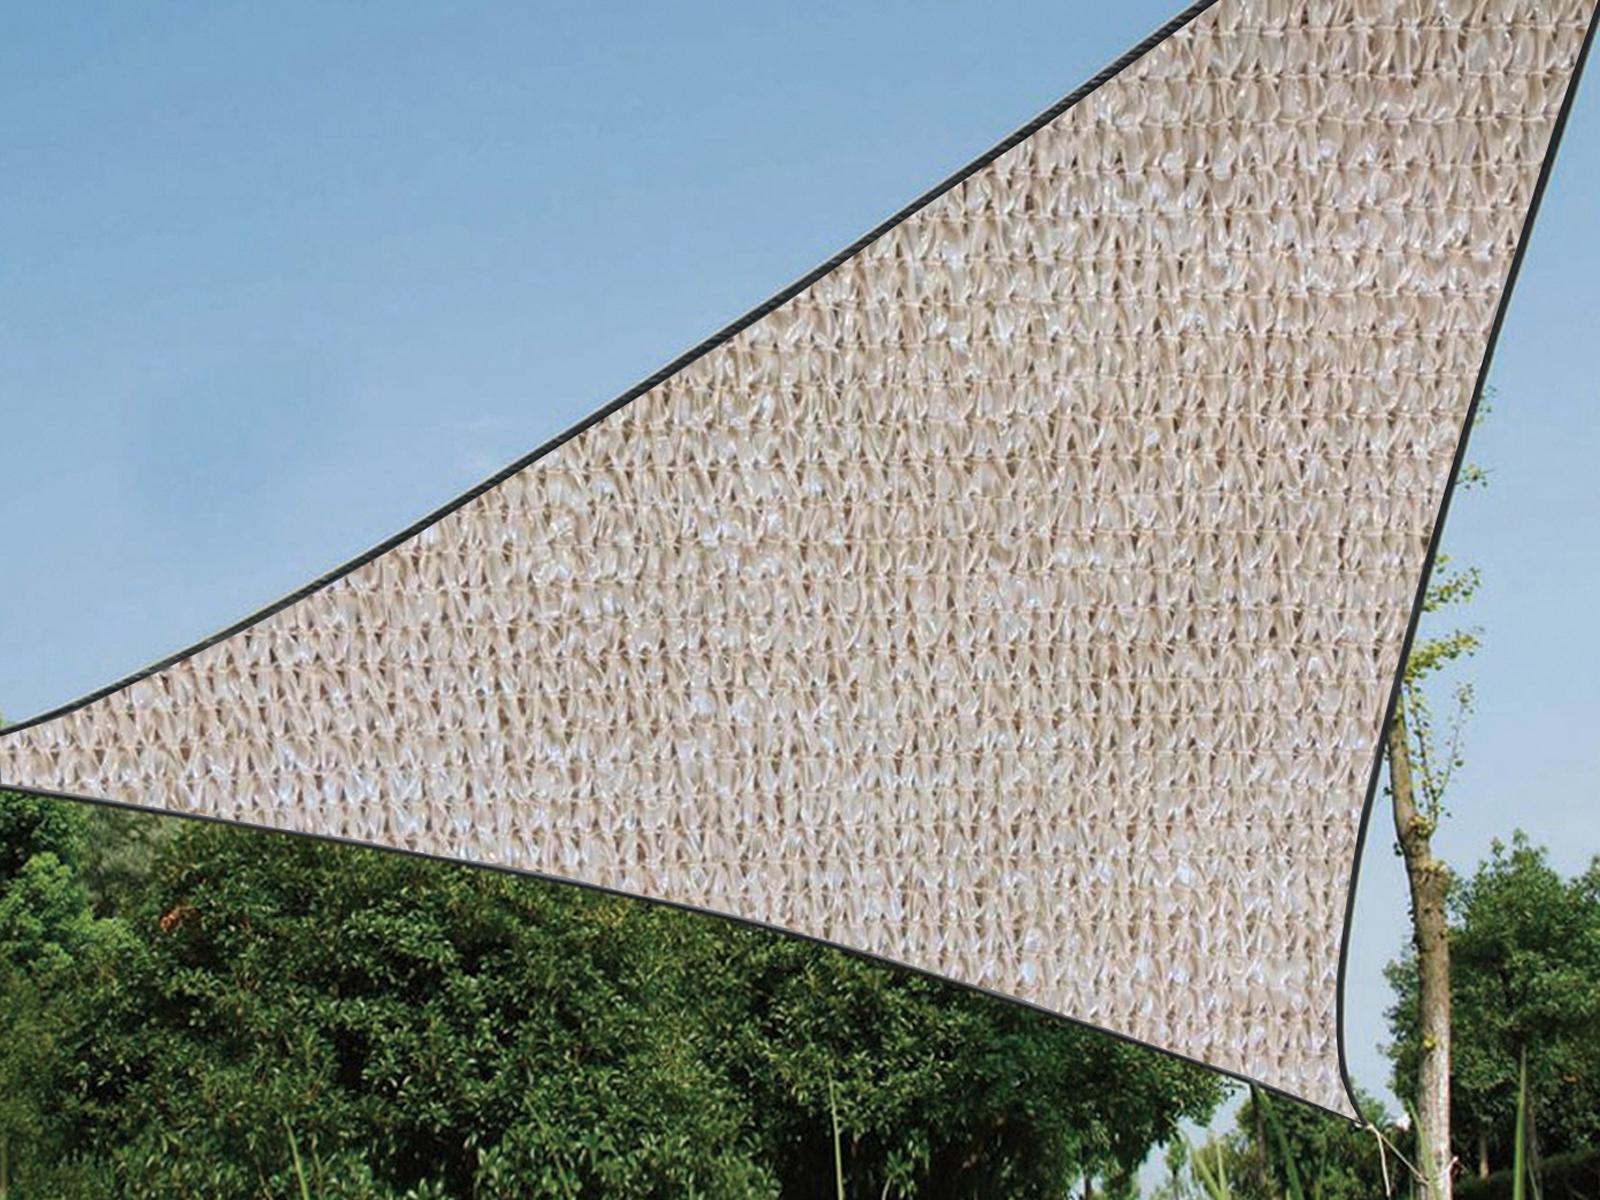 sonnenschutz dreieck beige für beschattung terrasse